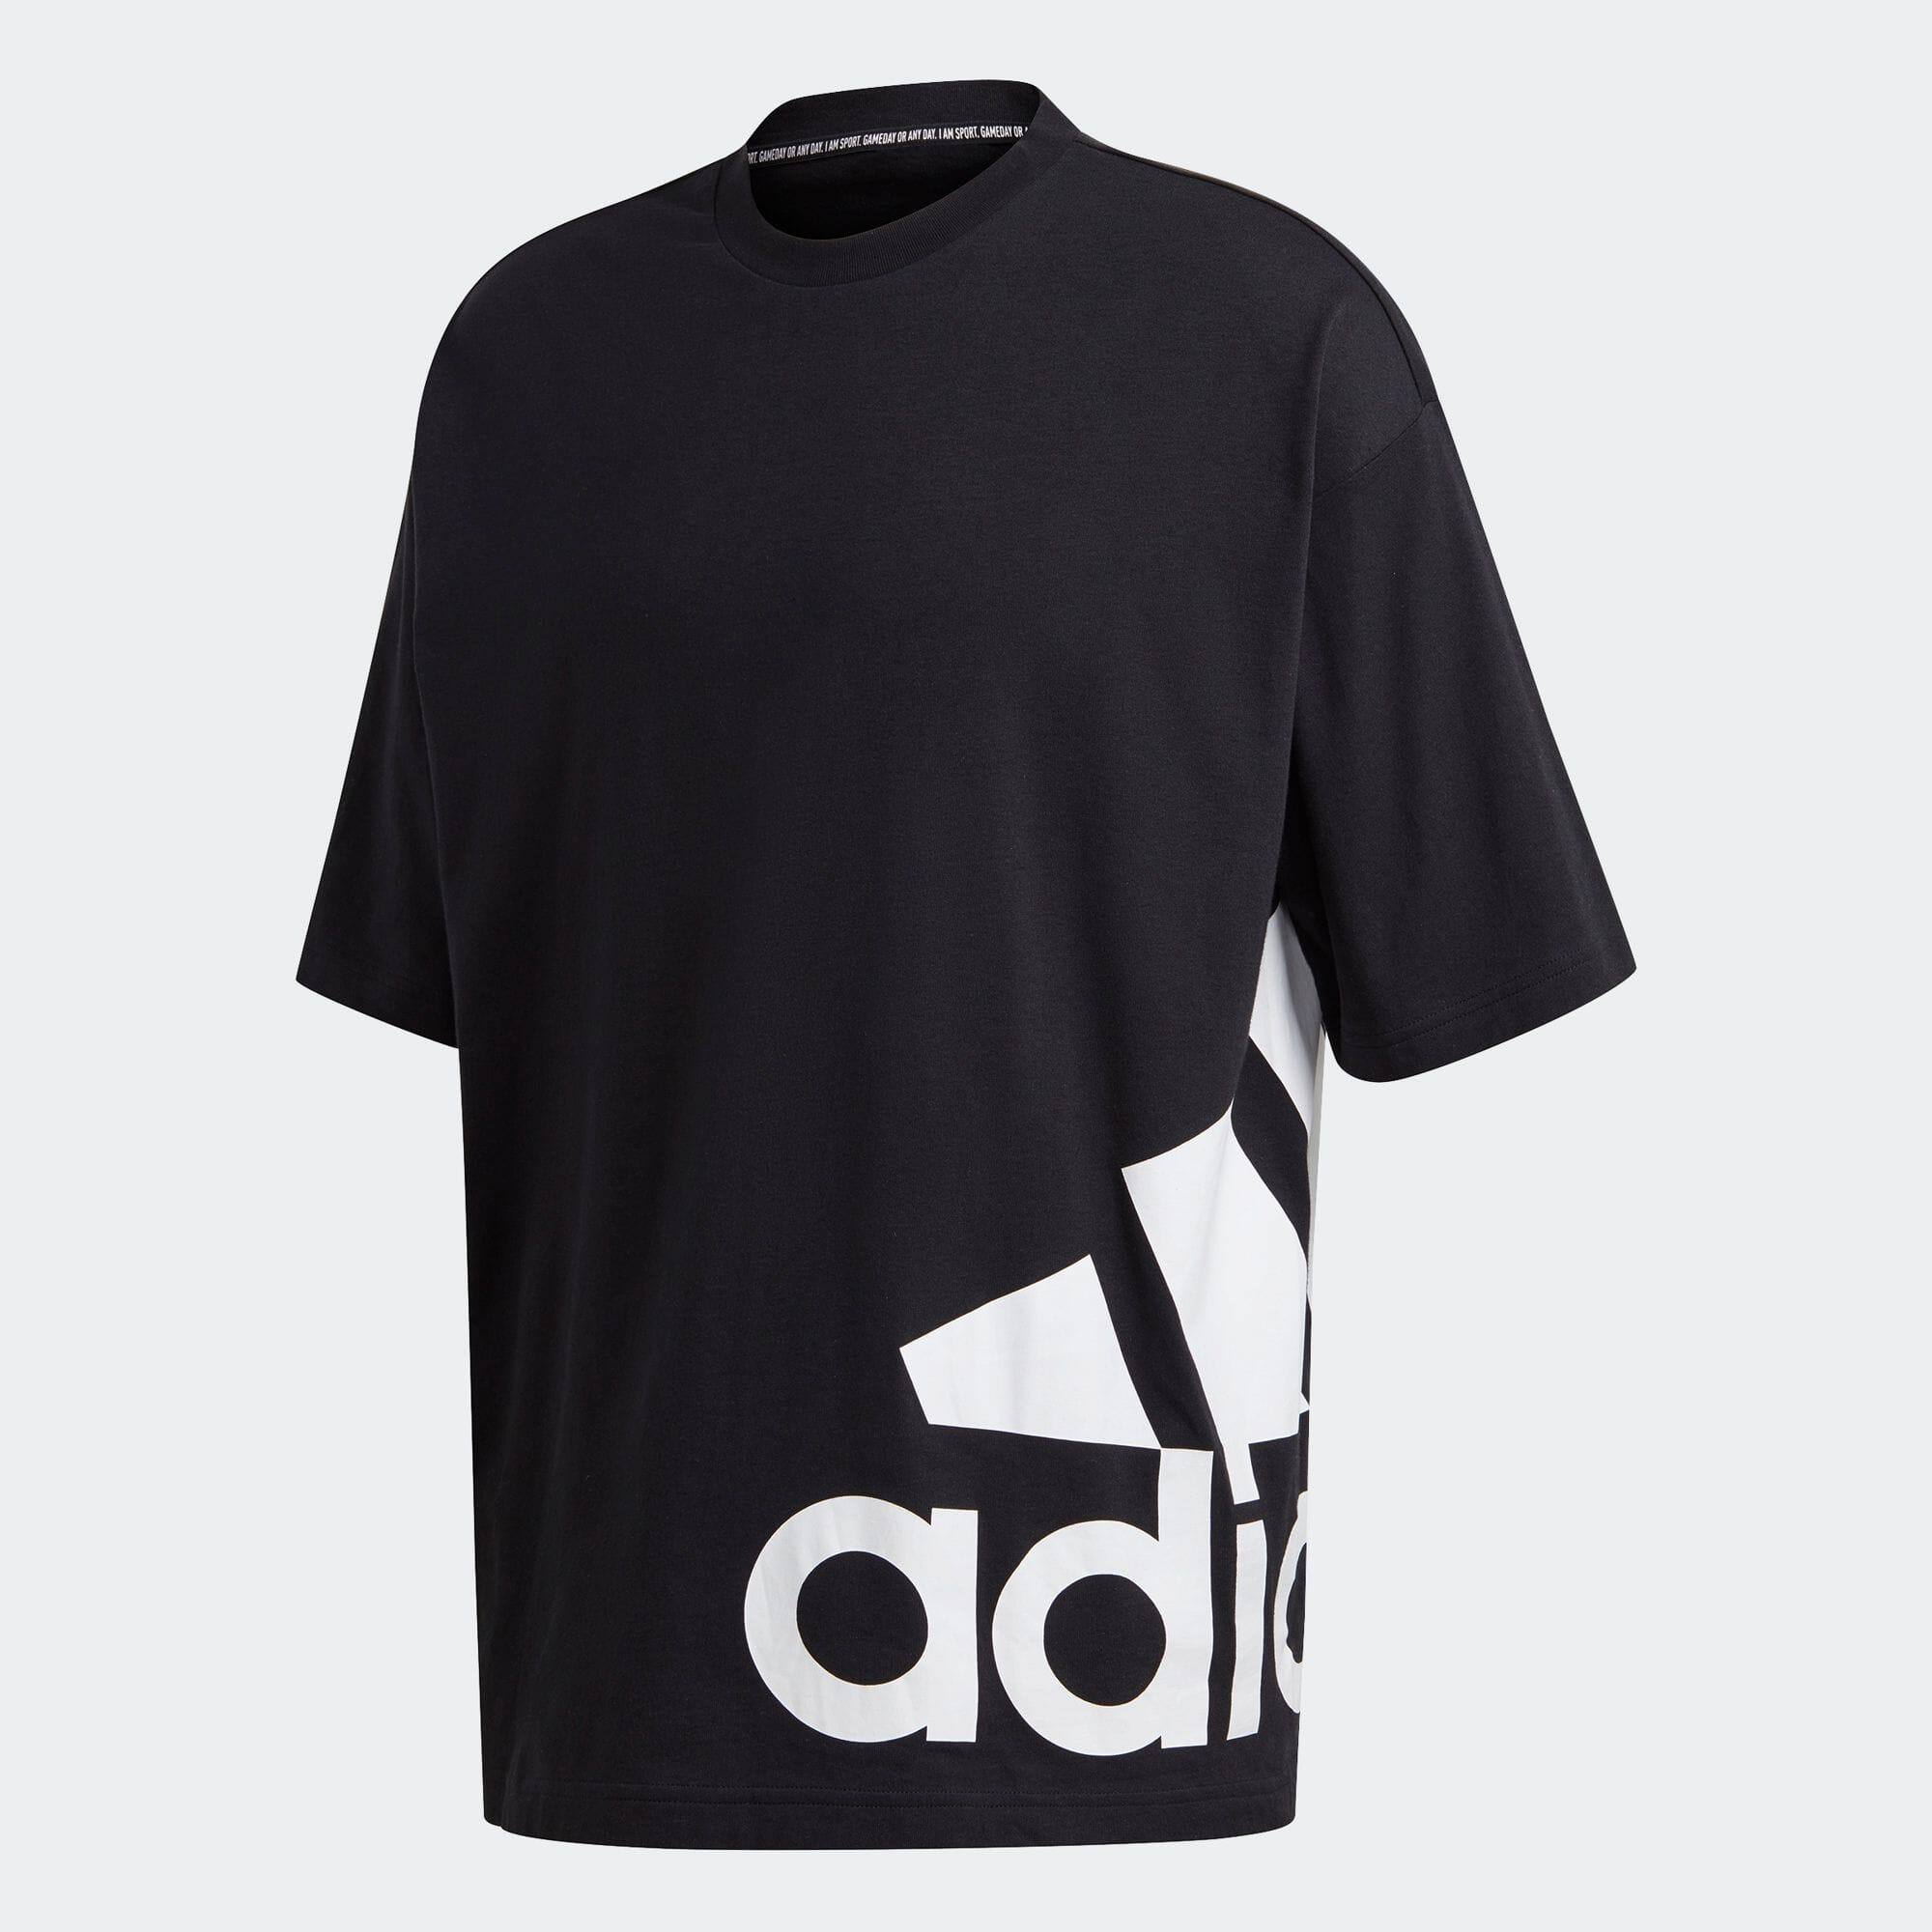 ビッグ バッジ オブ スポーツ ボクシー 半袖Tシャツ / Big Badge of Sport Boxy Tee